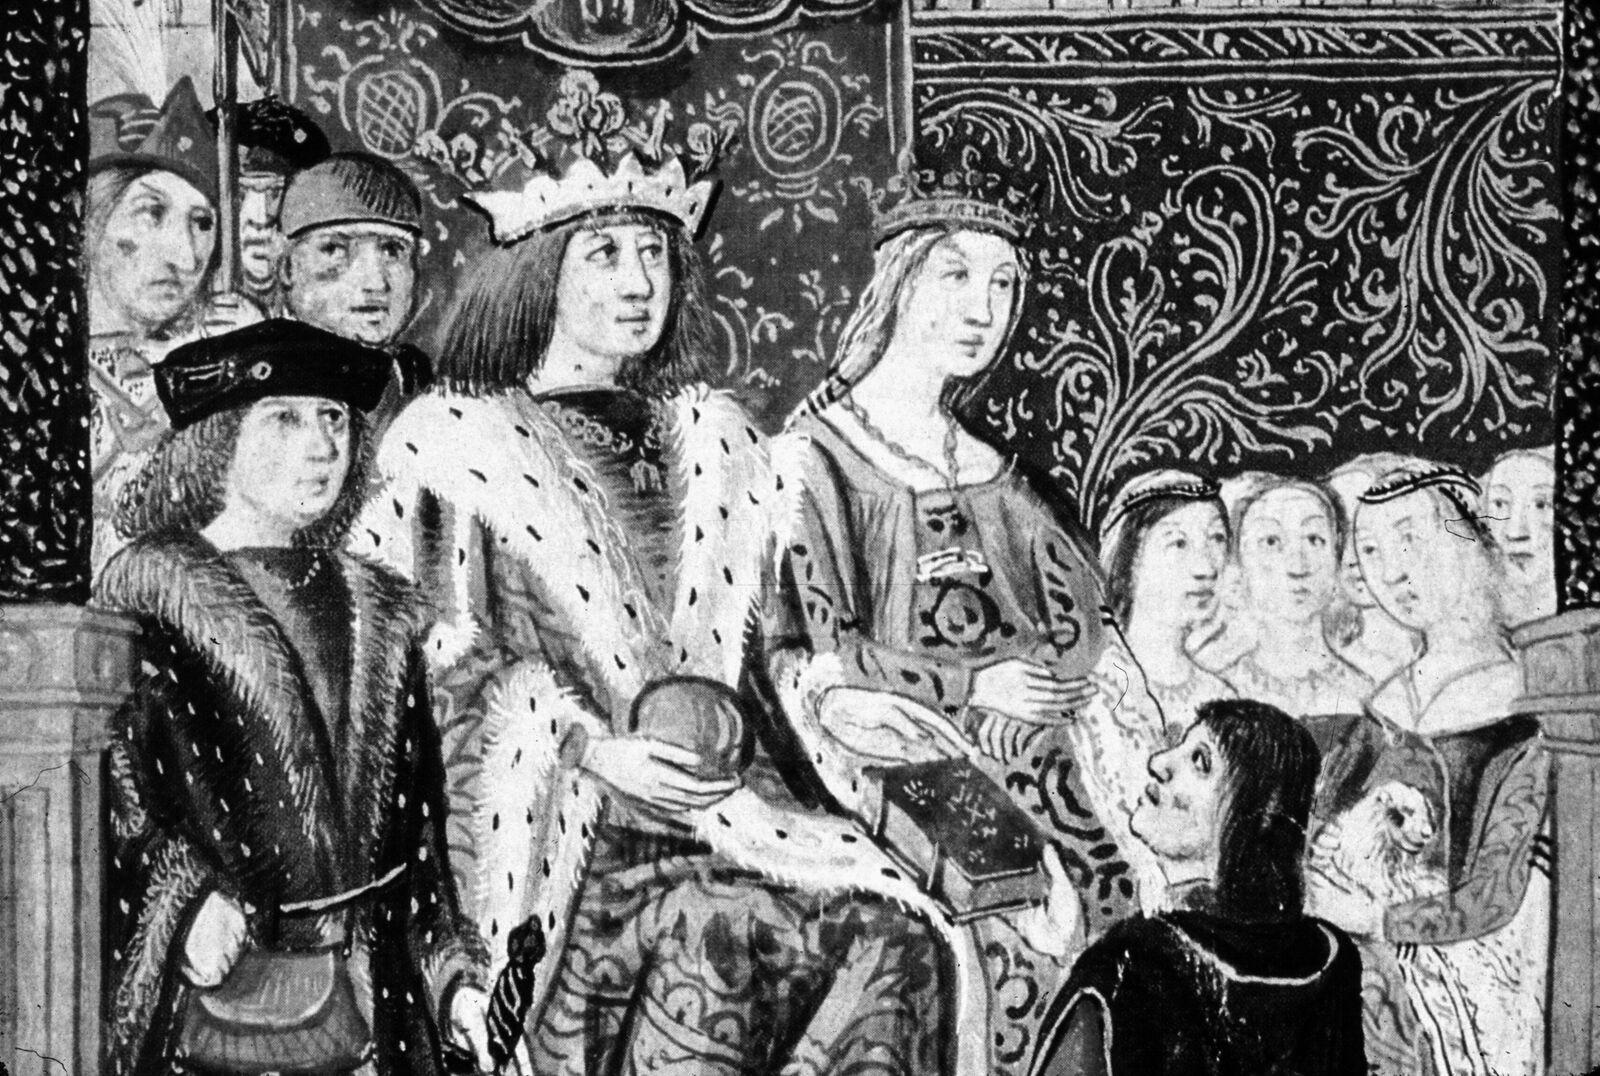 Isabella di Castiglia e Ferdinando d'Aragona, i sovrani cattolici (1469)